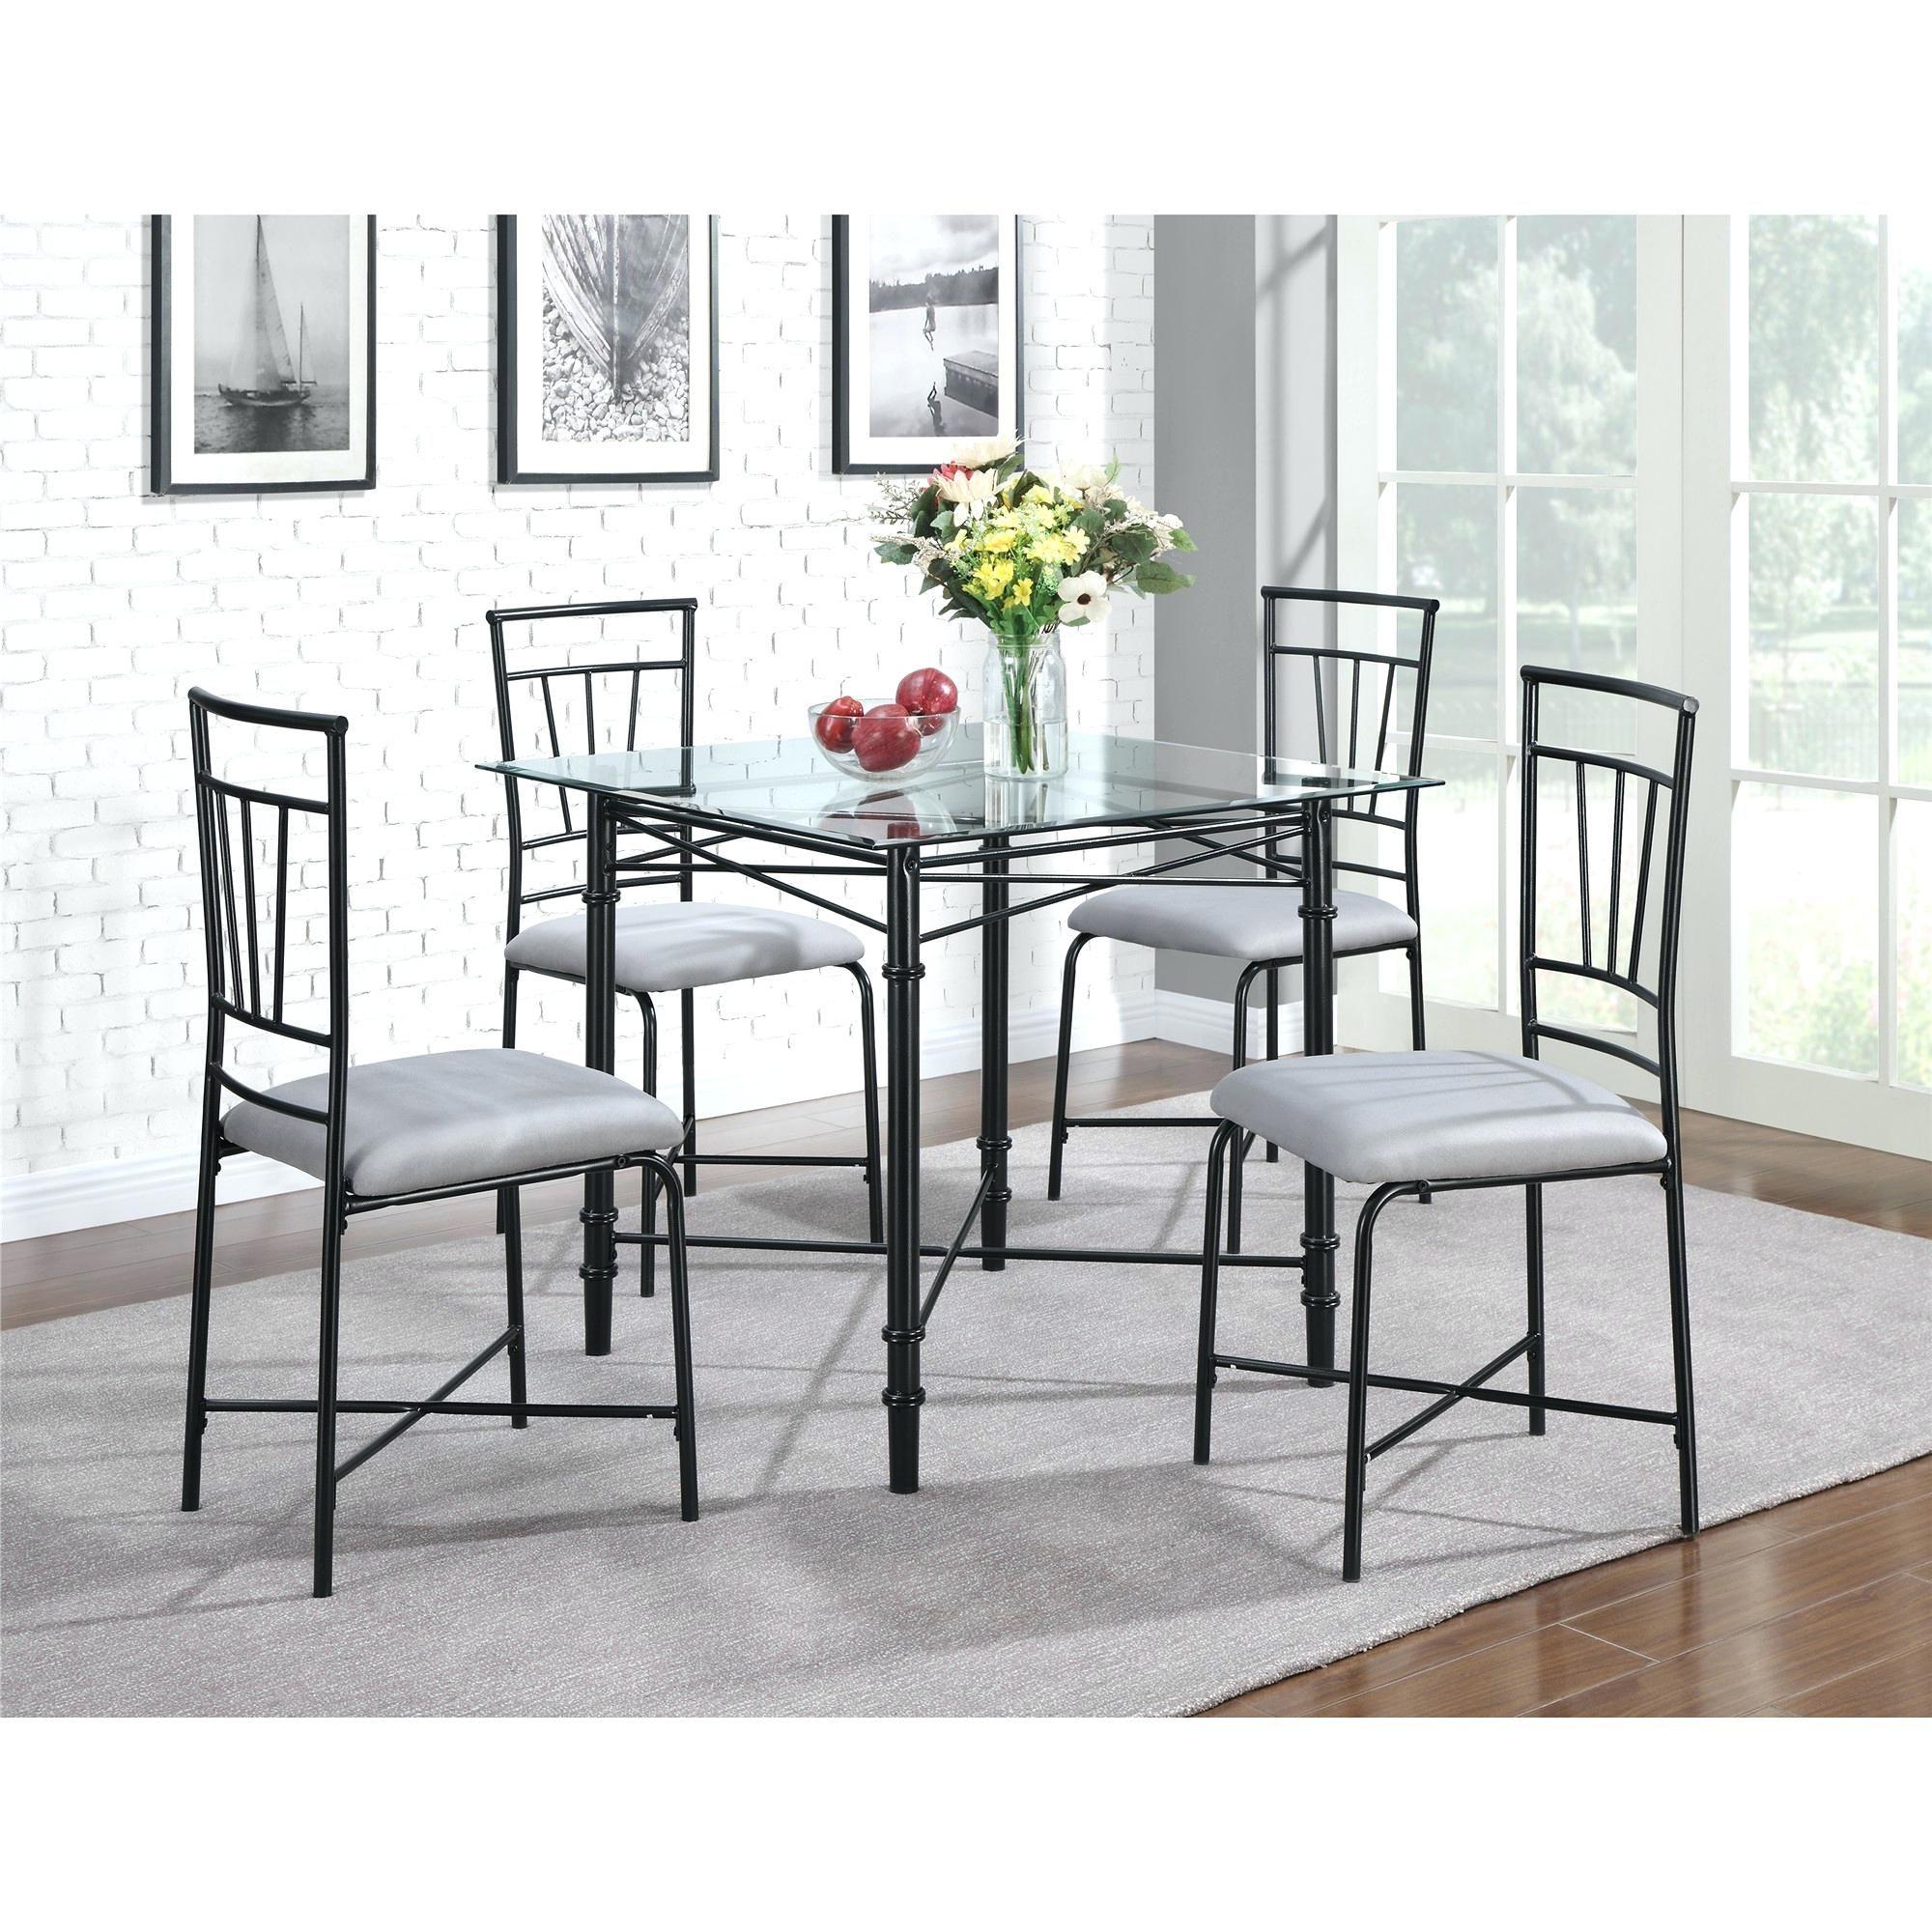 Schmiedeeisen Esszimmer Stühle Esszimmerstühle   Metal dining ...